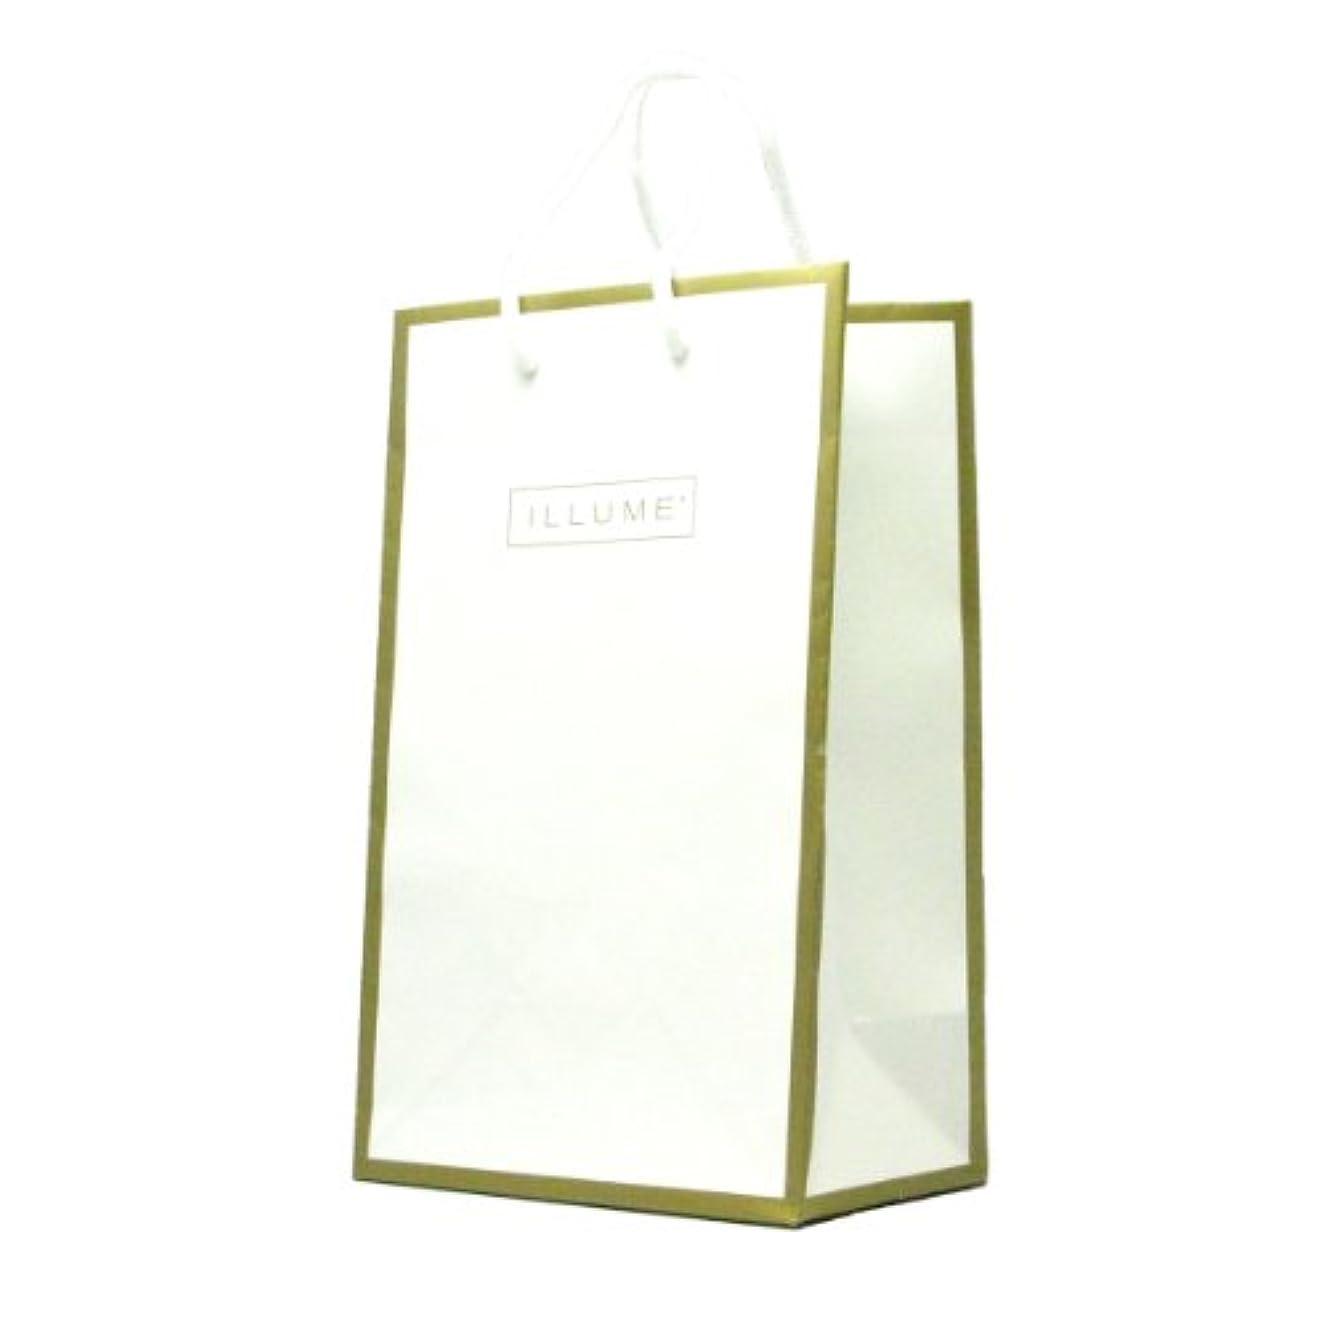 誰のアナロジー手荷物イリューム(ILLUME) ギフトバッグ(Gift Bag) (ILLUMEギフトバッグ)